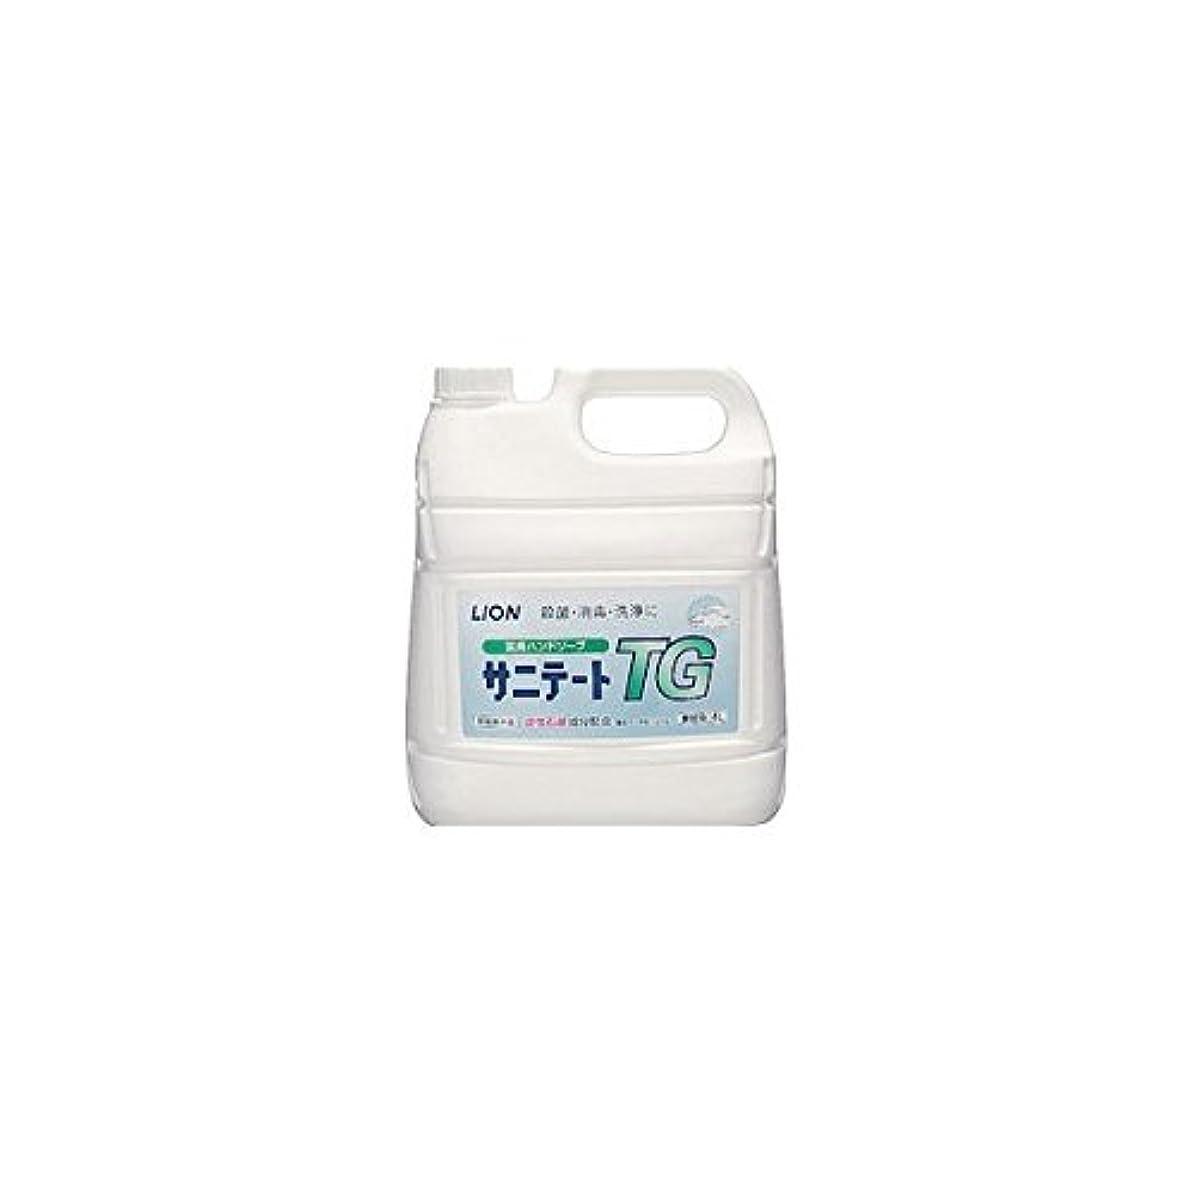 精度固体共同選択業務用 サニテートTG 4L